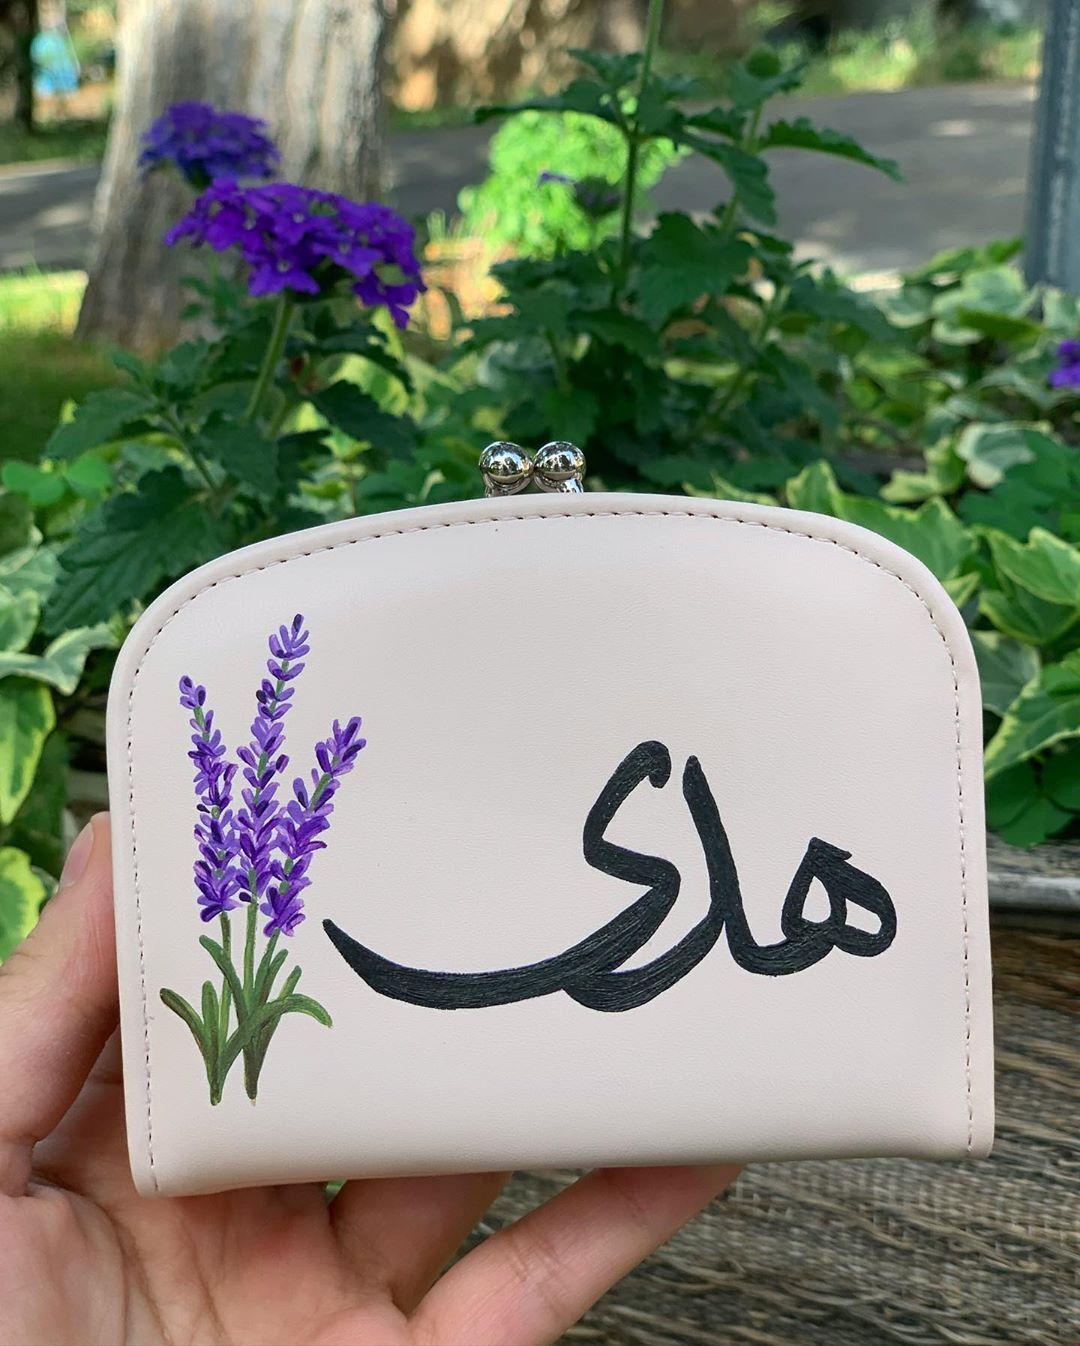 الهدية الحلوة ما بدها مناسبة هدى هدية هدیه لافندر ورود زهور زهور رسوم رسمي رسمات فن Painted Clothes Coin Purse Purses